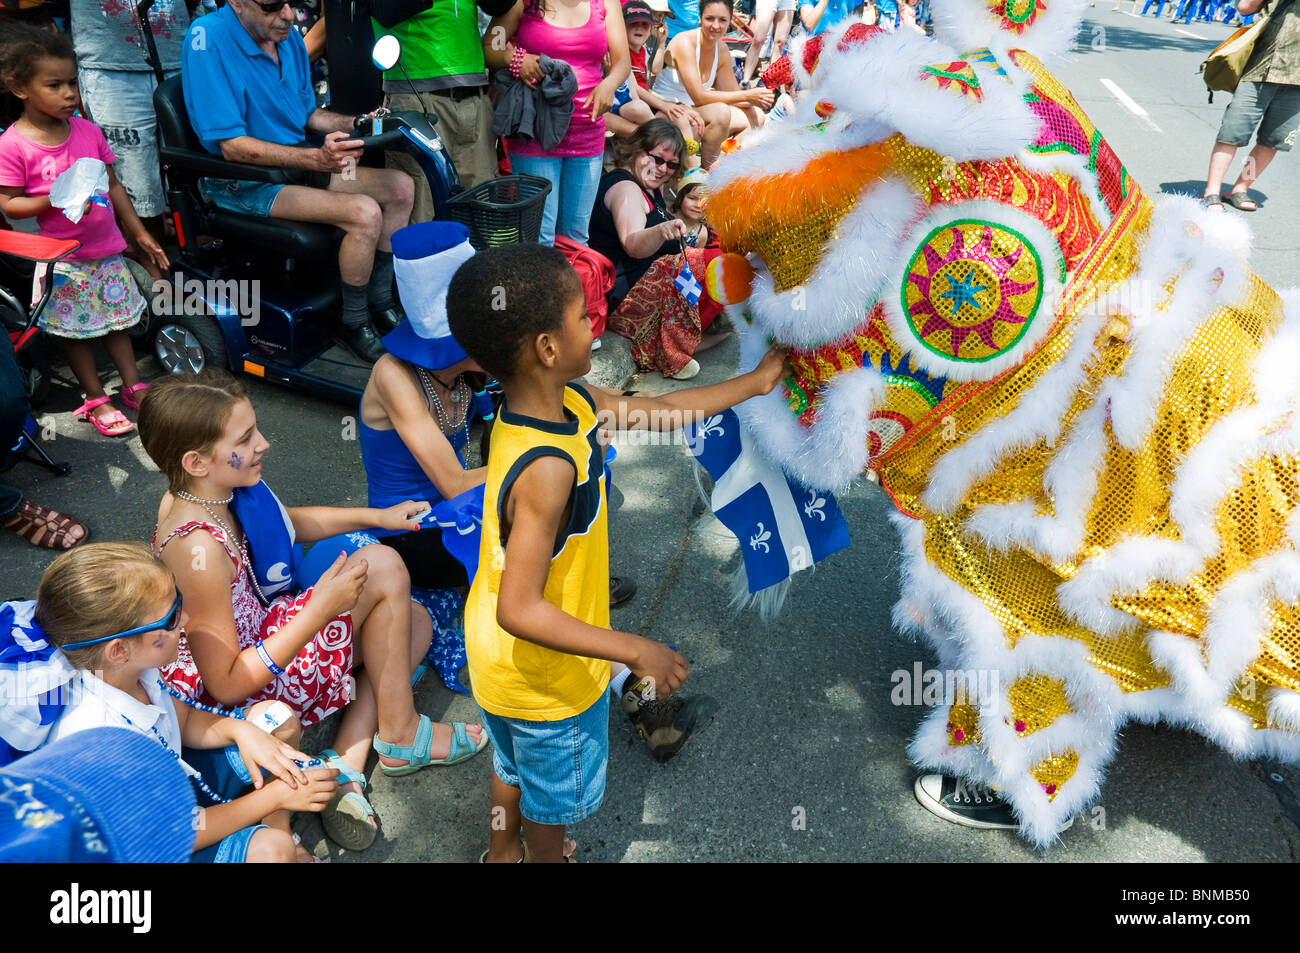 Comunità cinese celebra St Jean Baptiste giorno nella vibrante città multiculturale di Montreal in Canada Immagini Stock